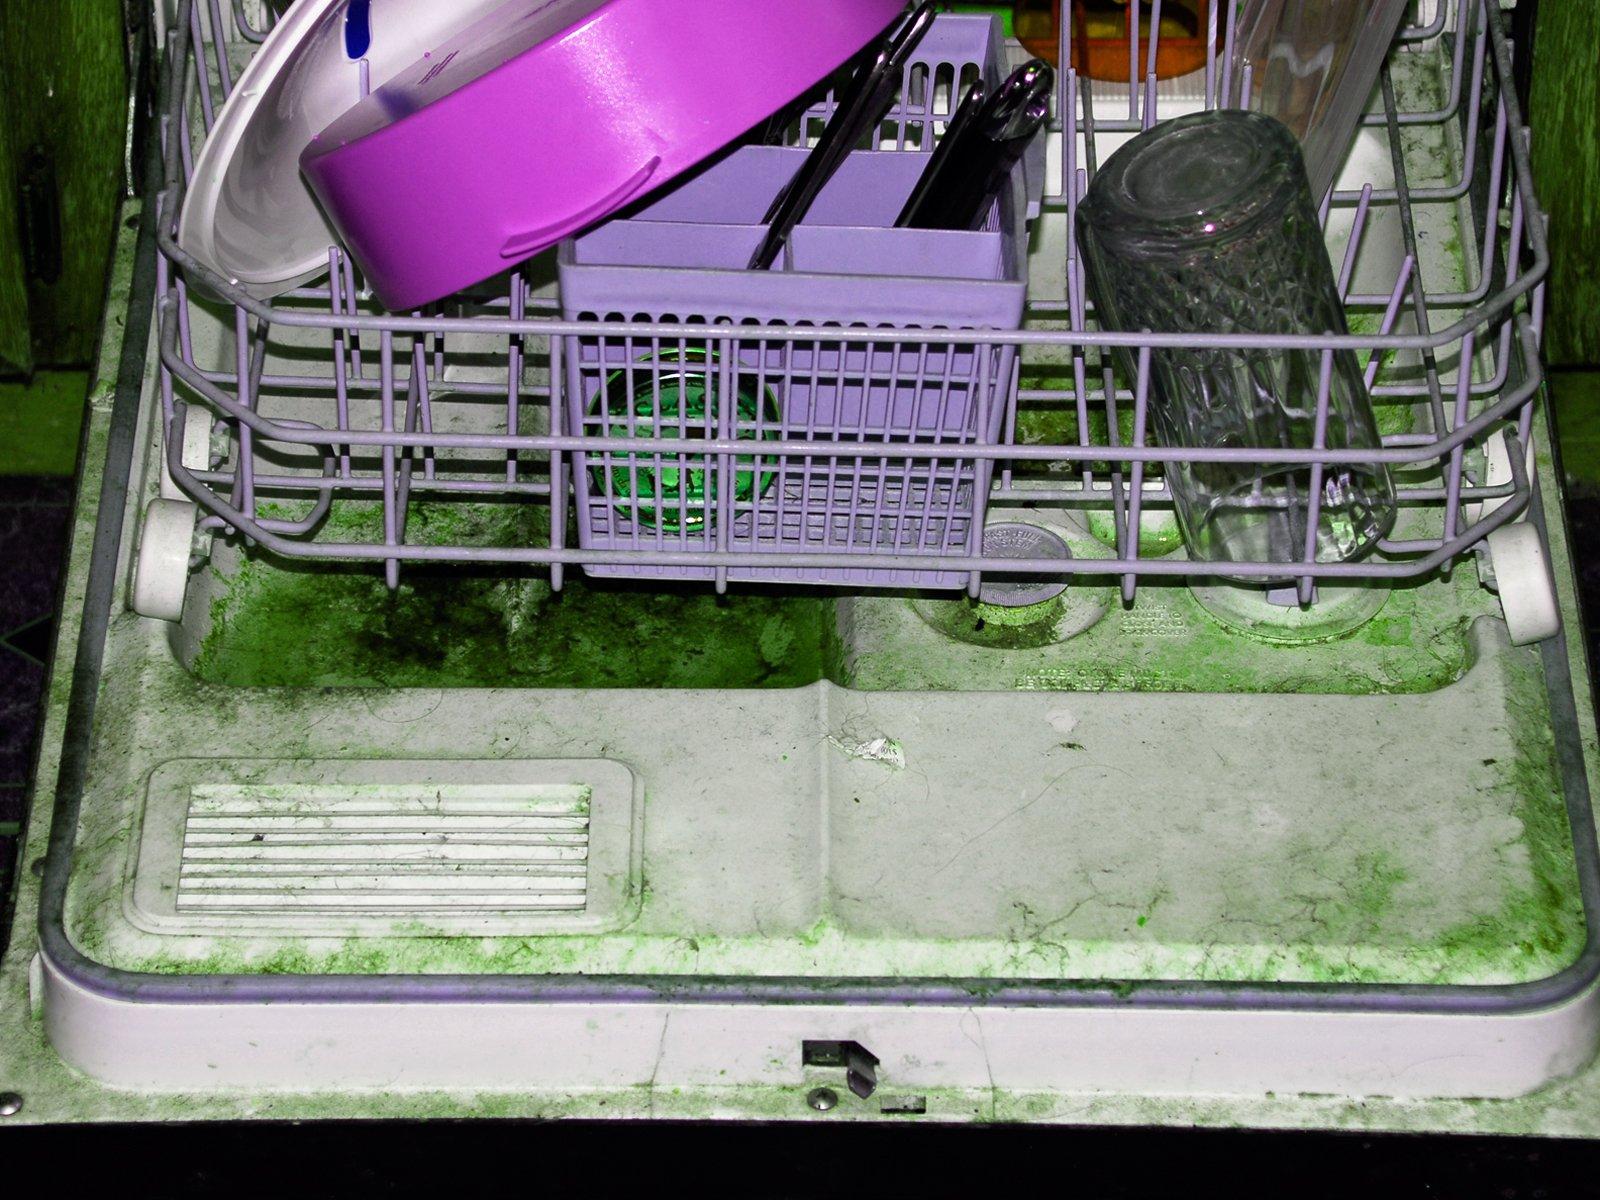 moldy dishwasher